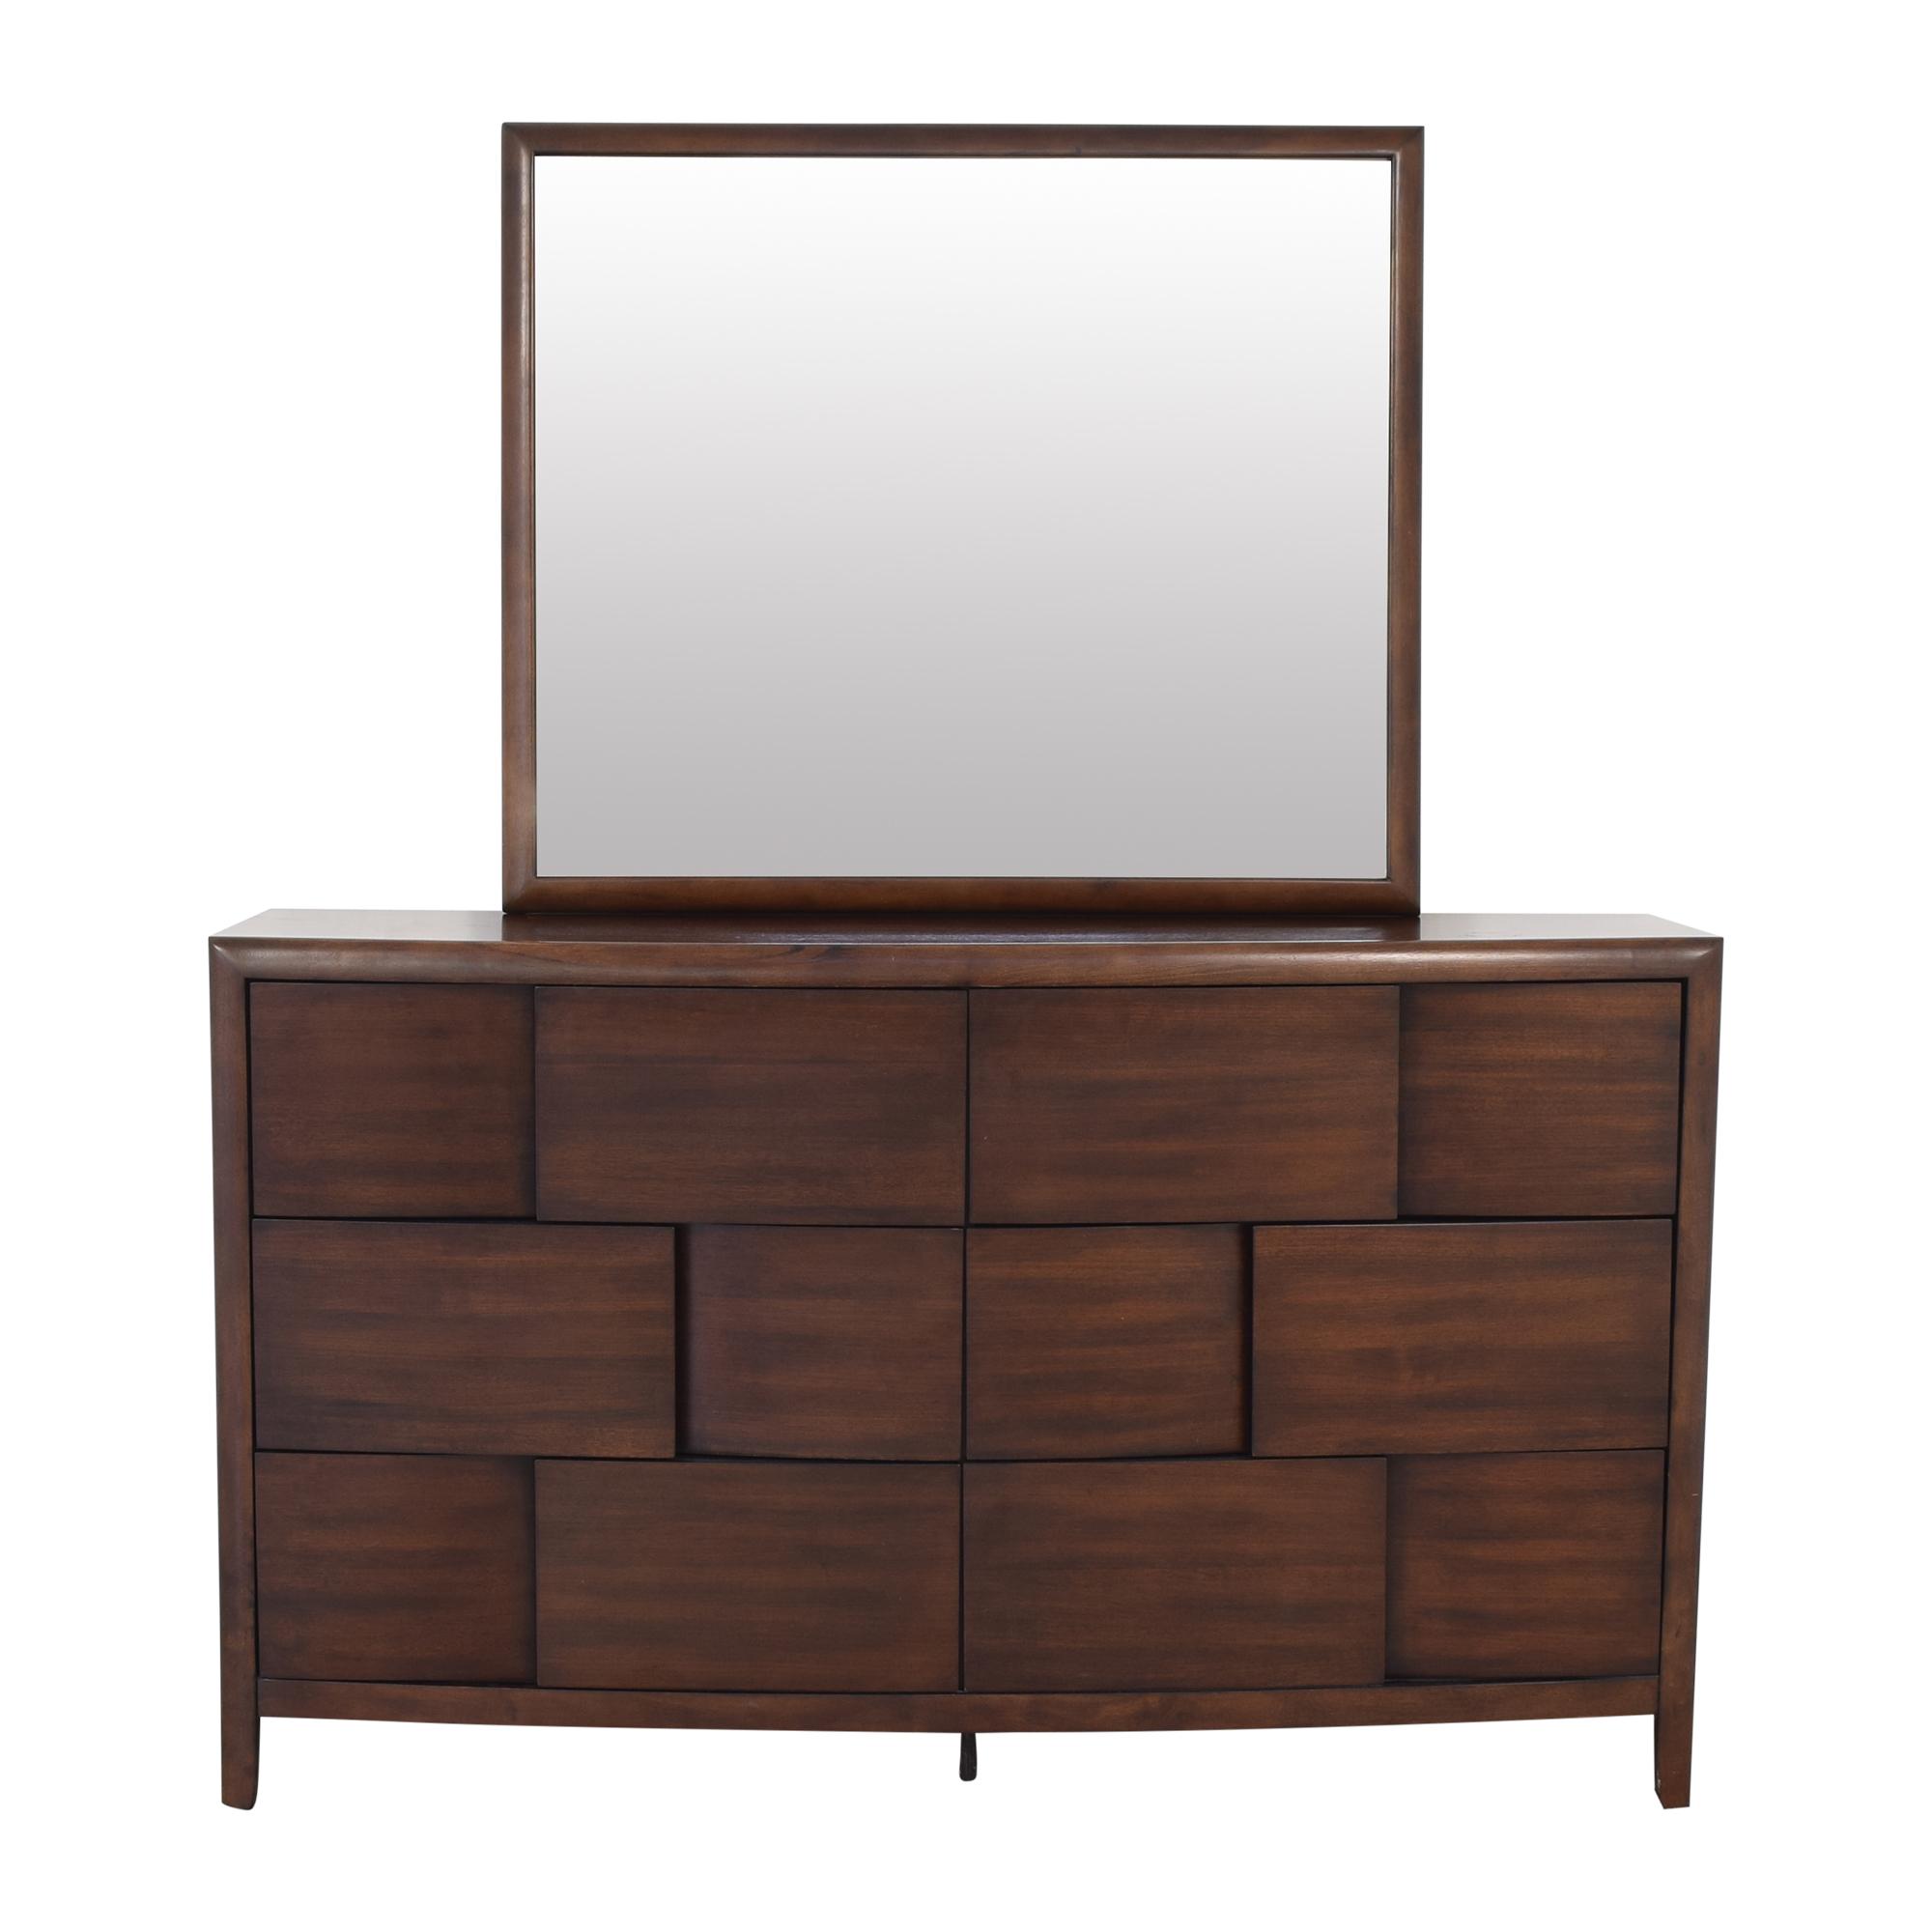 buy Magnussen Home Dresser with Mirror Magnussen Home Storage